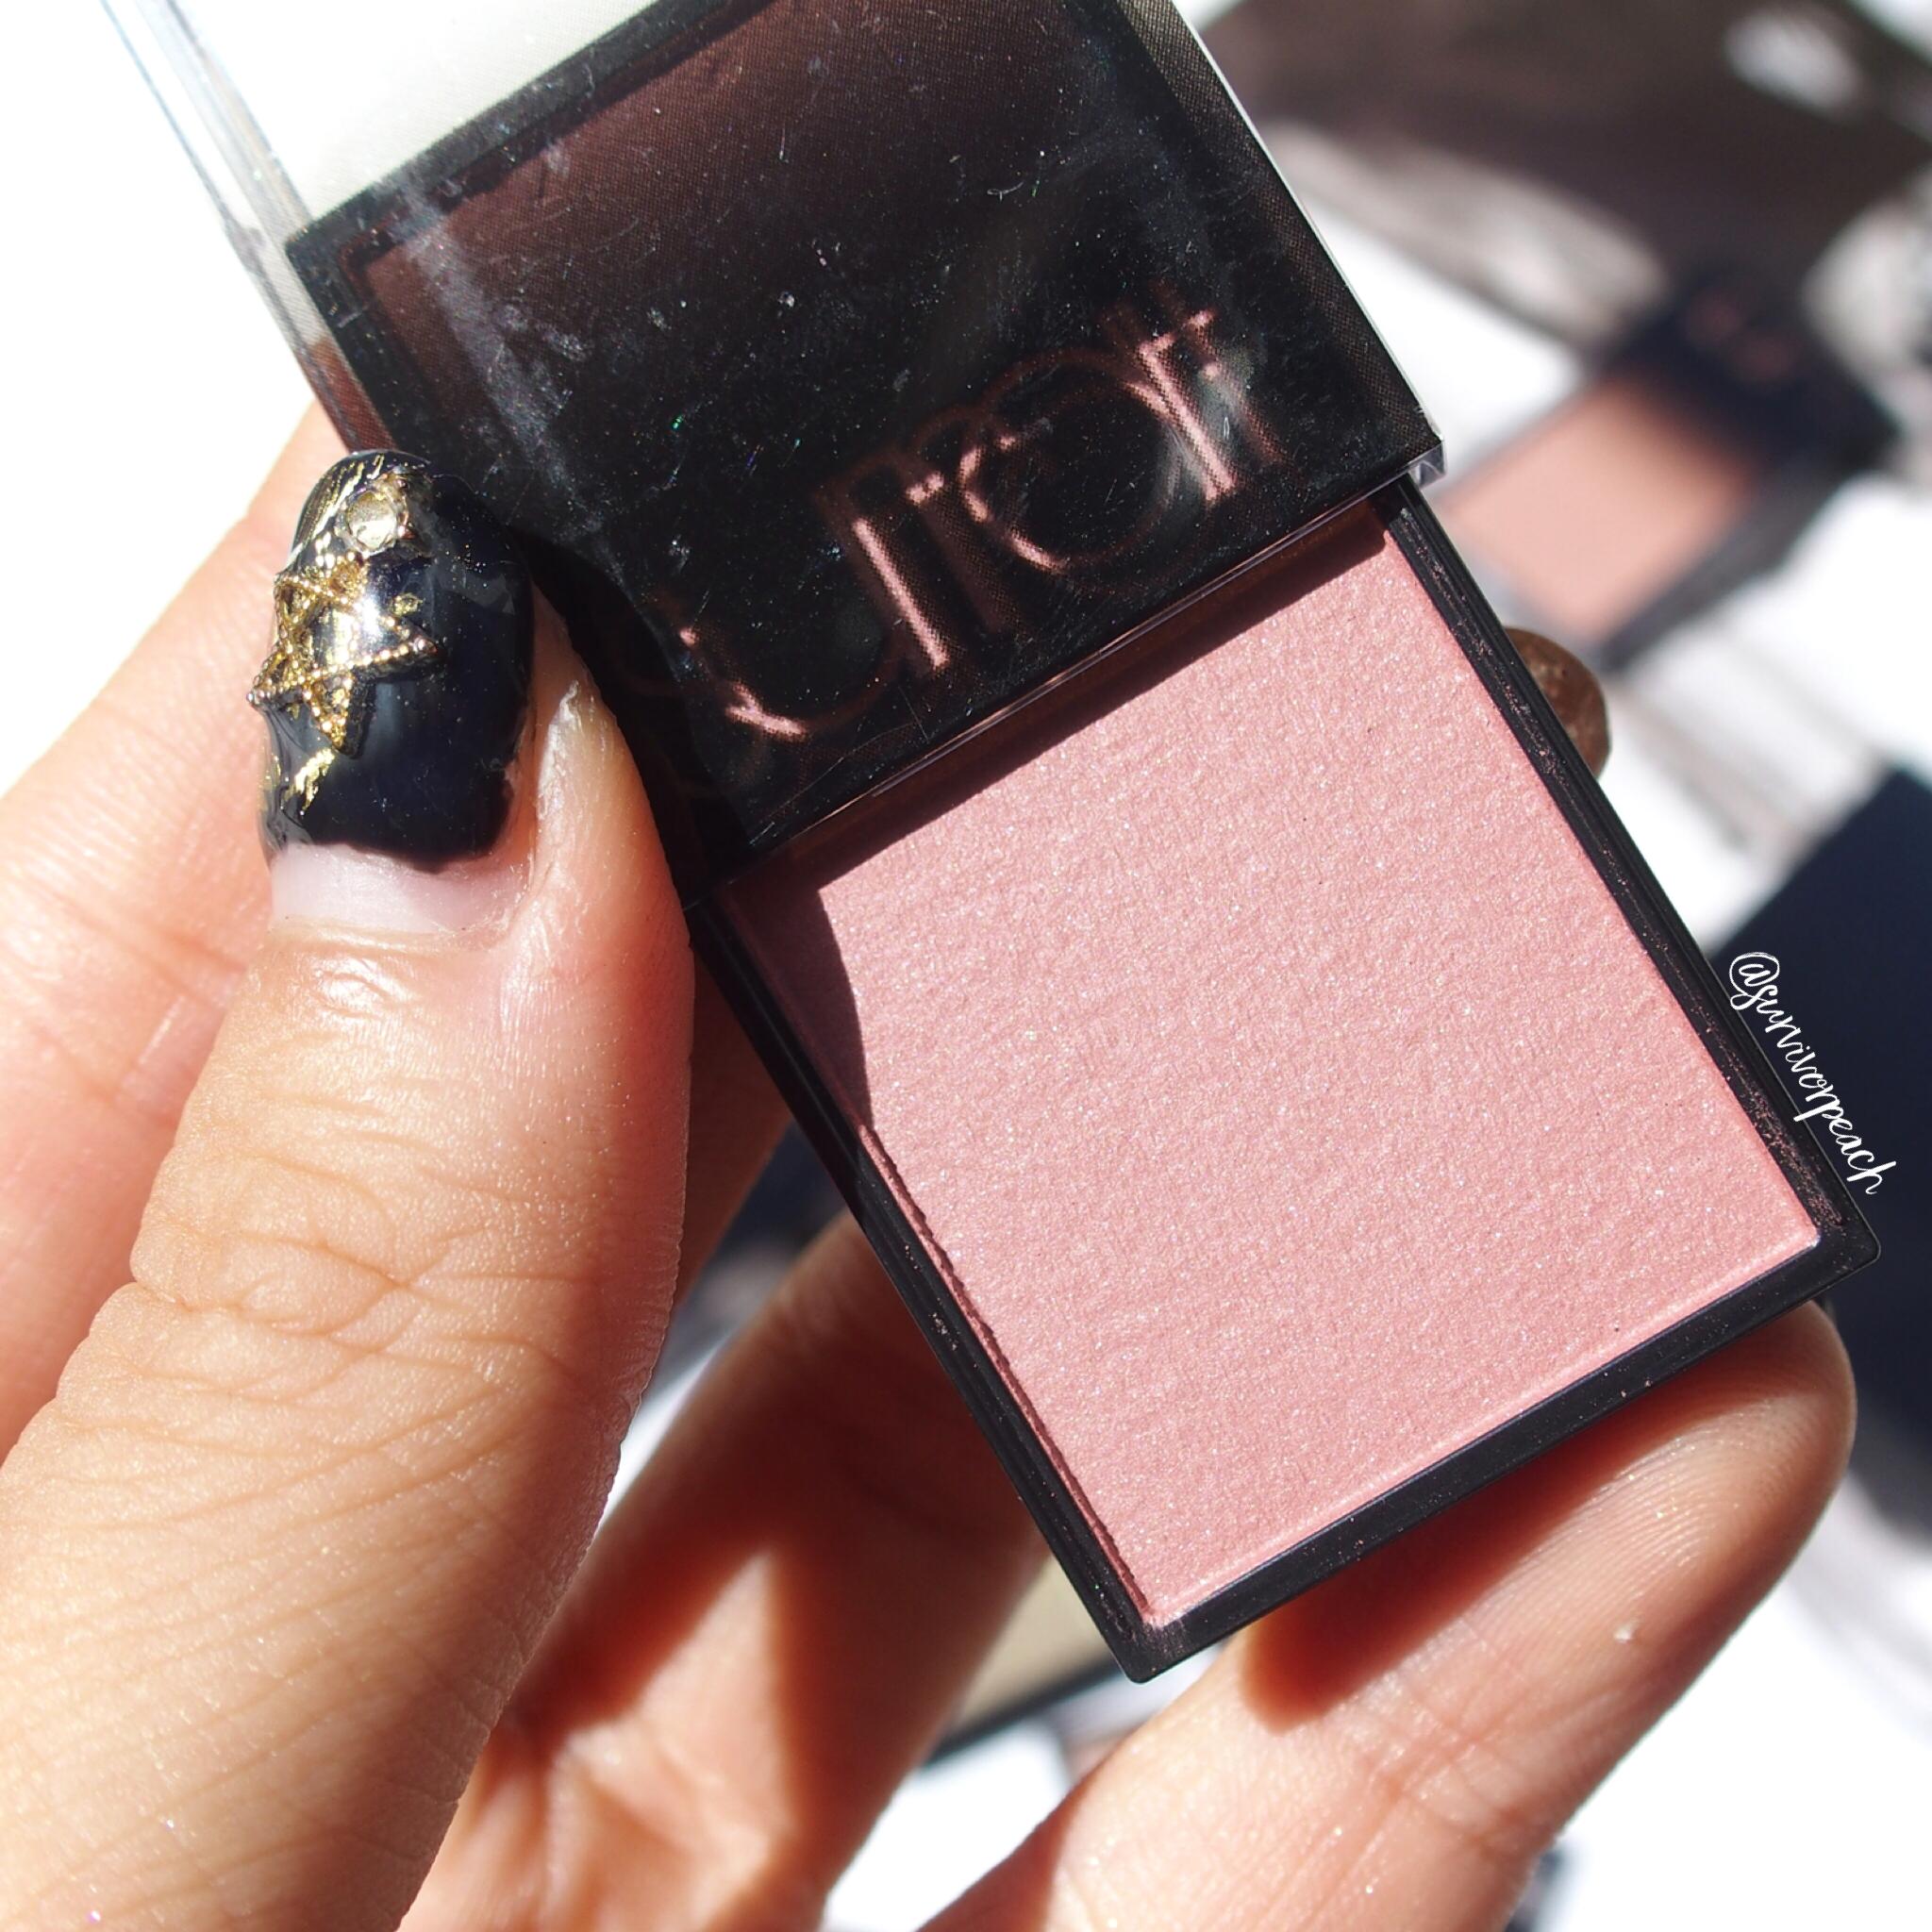 Surratt Astistique Blush in shades La Vie In Rose